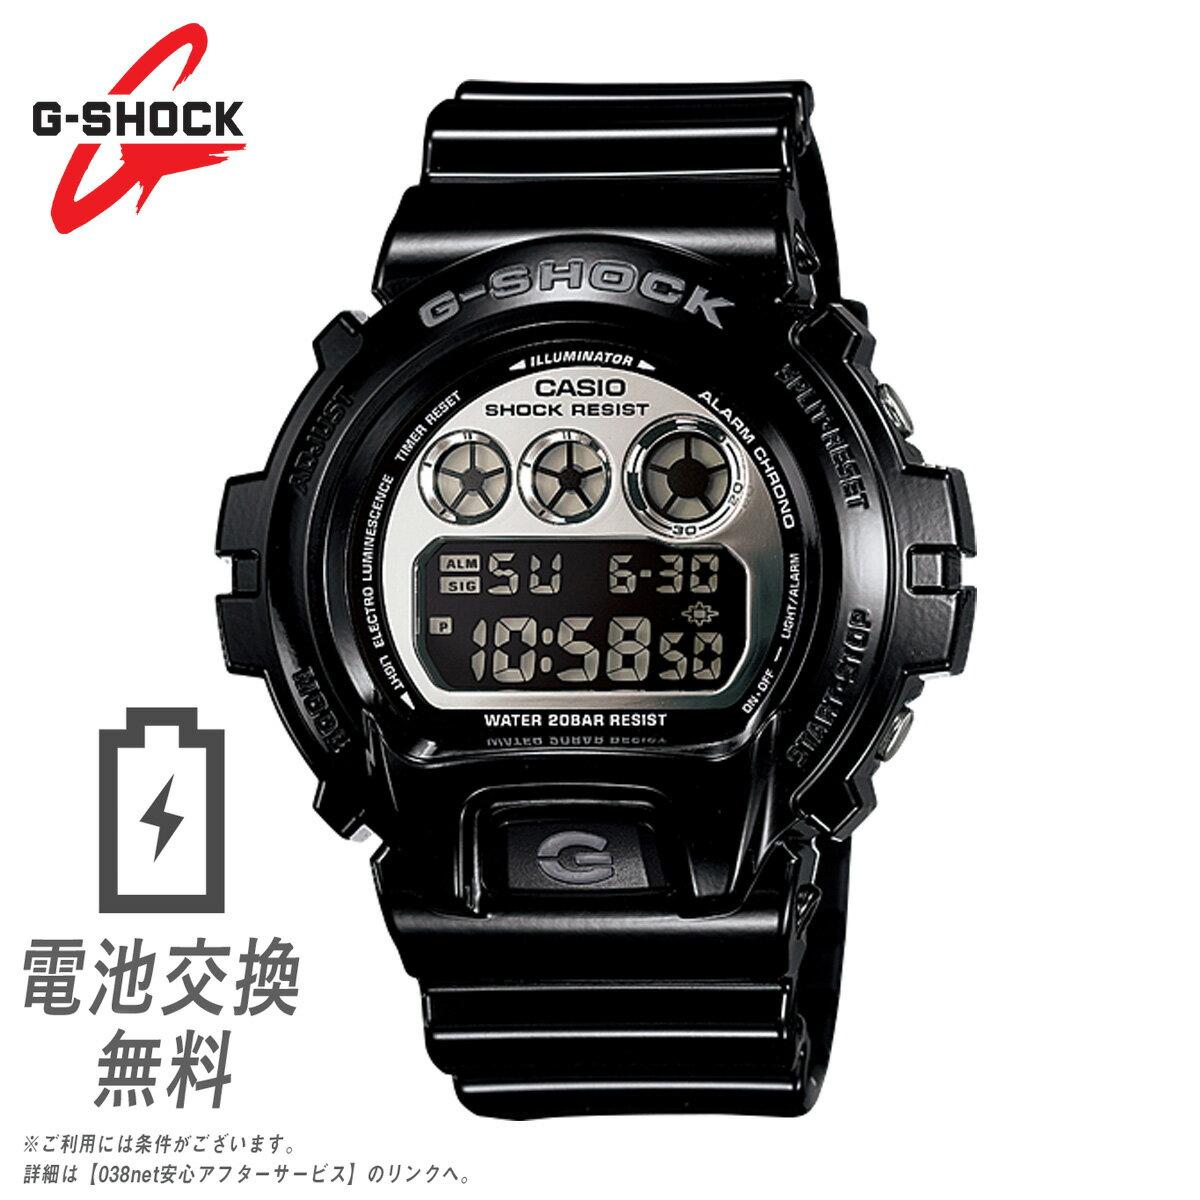 腕時計, メンズ腕時計 CASIO Gshock DW-6900NB-1 DW-6900NB-1JF